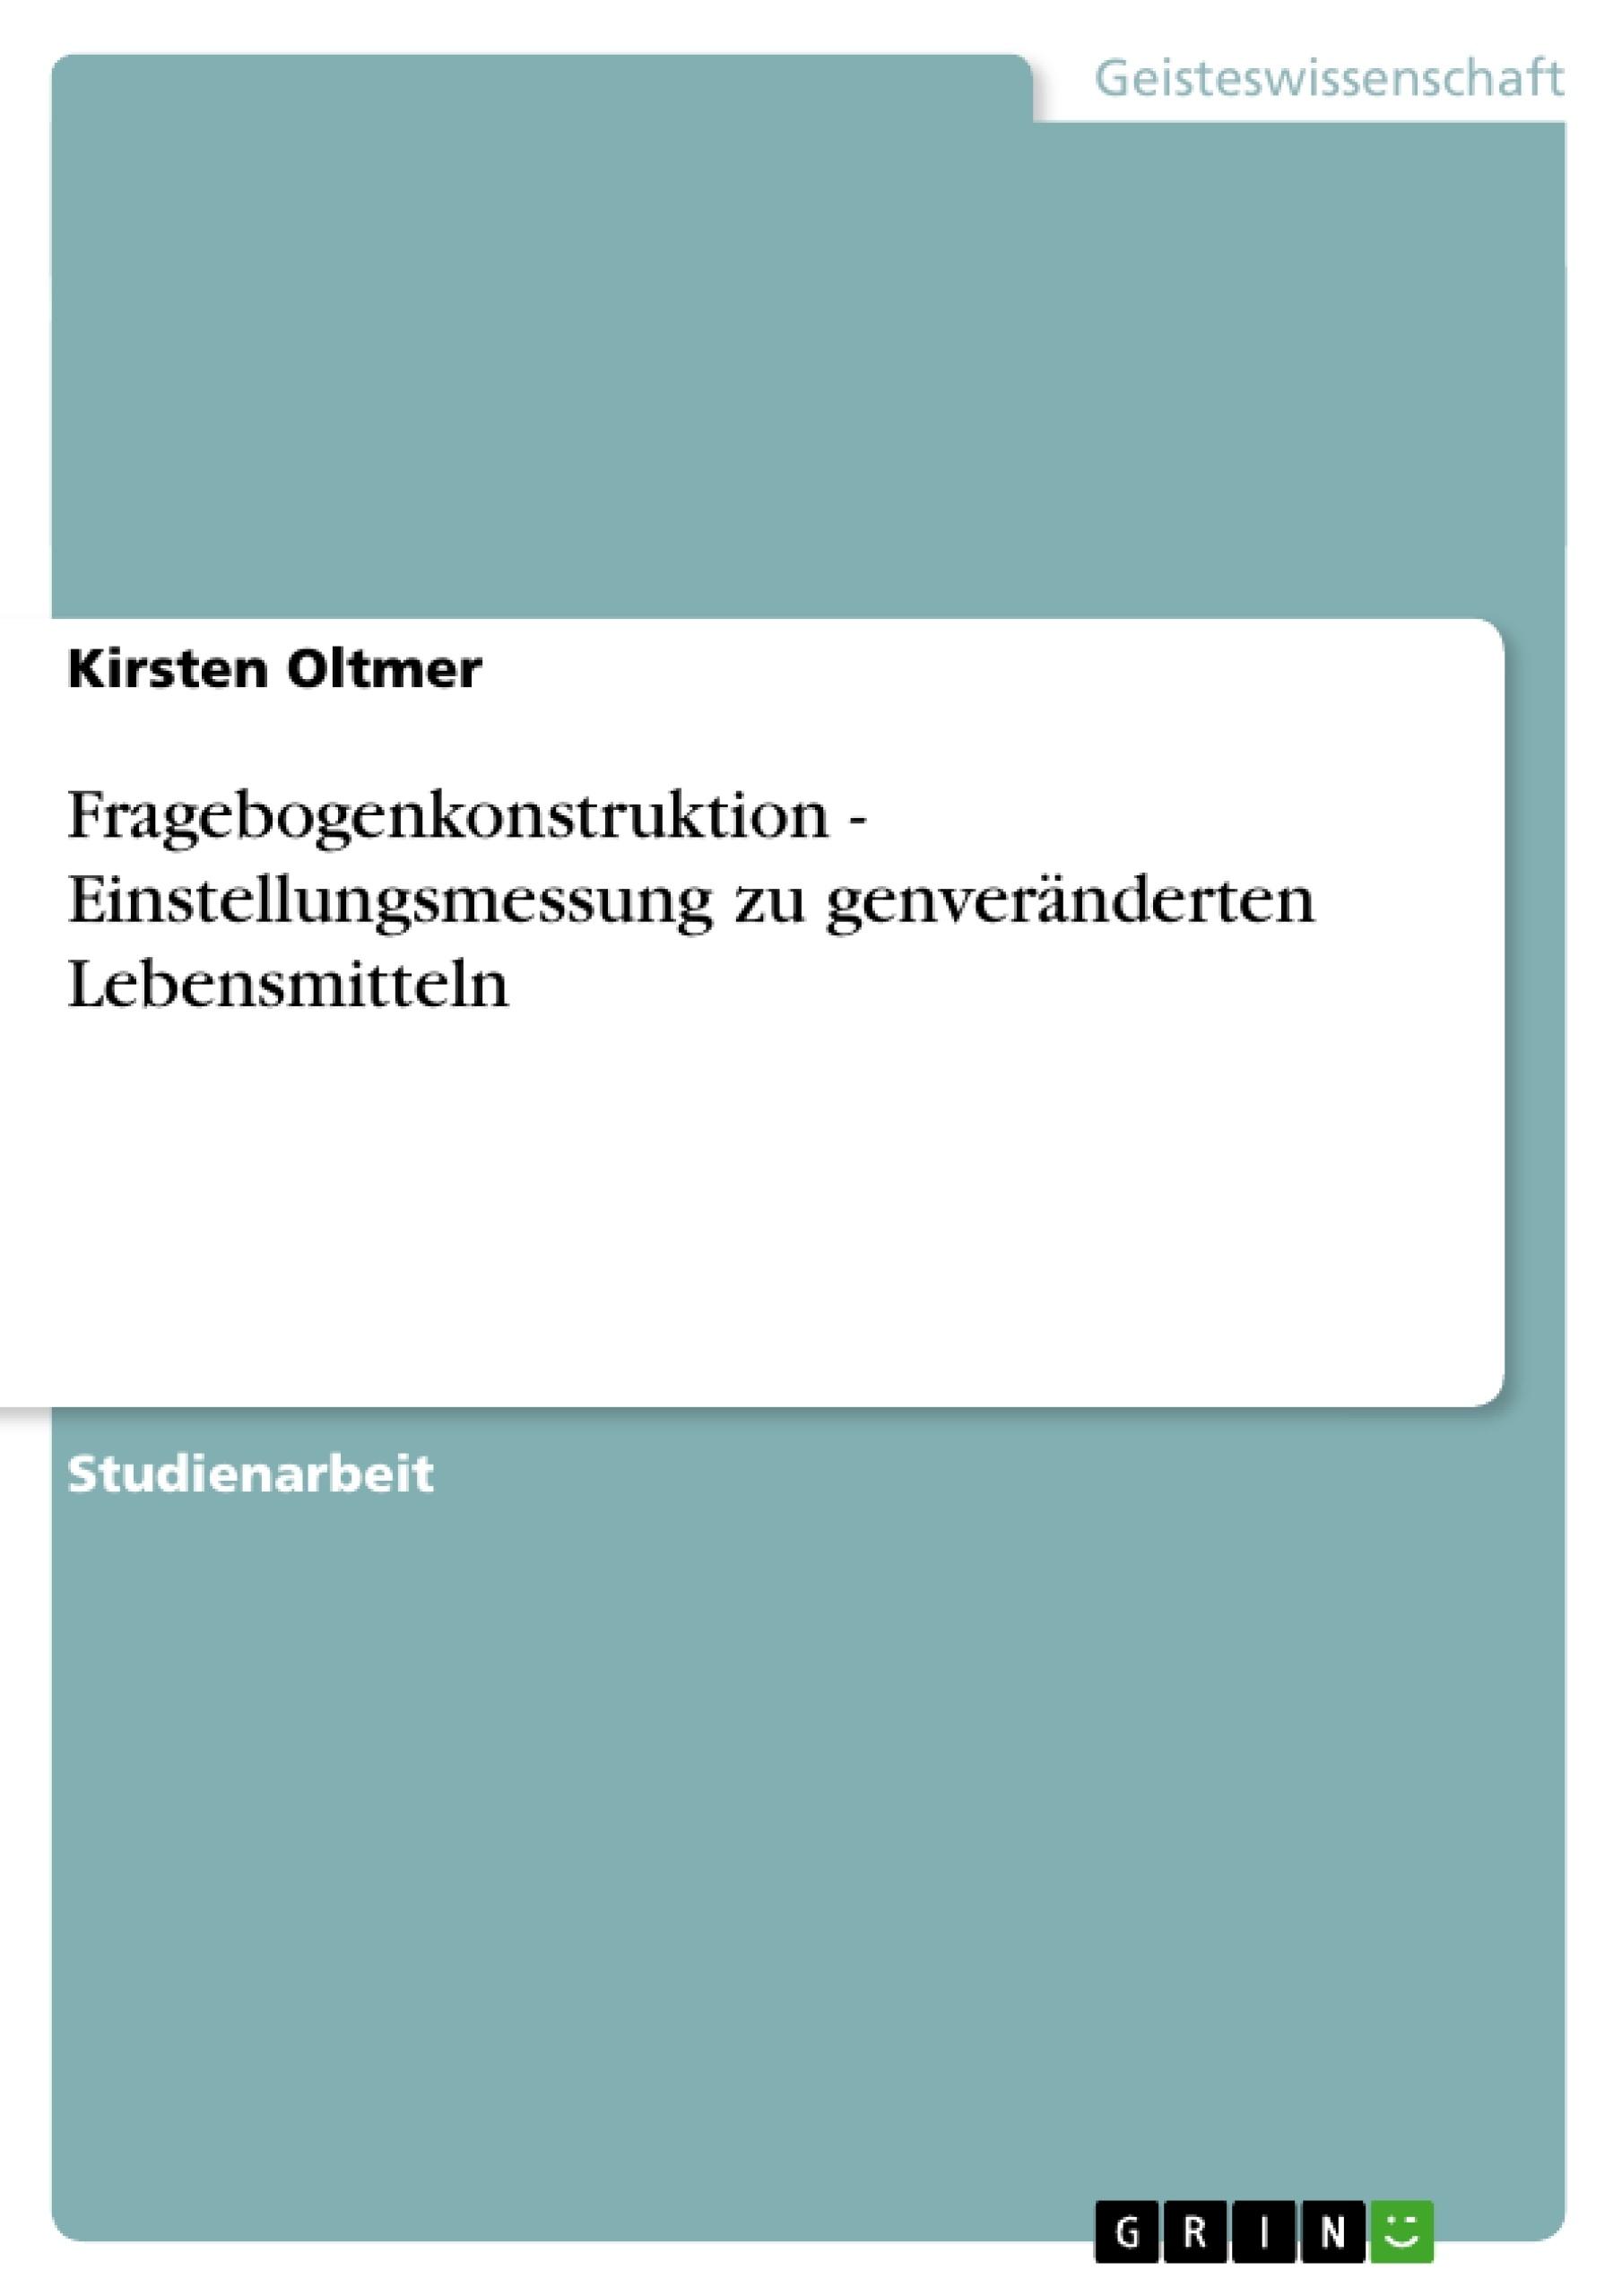 Titel: Fragebogenkonstruktion - Einstellungsmessung zu genveränderten Lebensmitteln